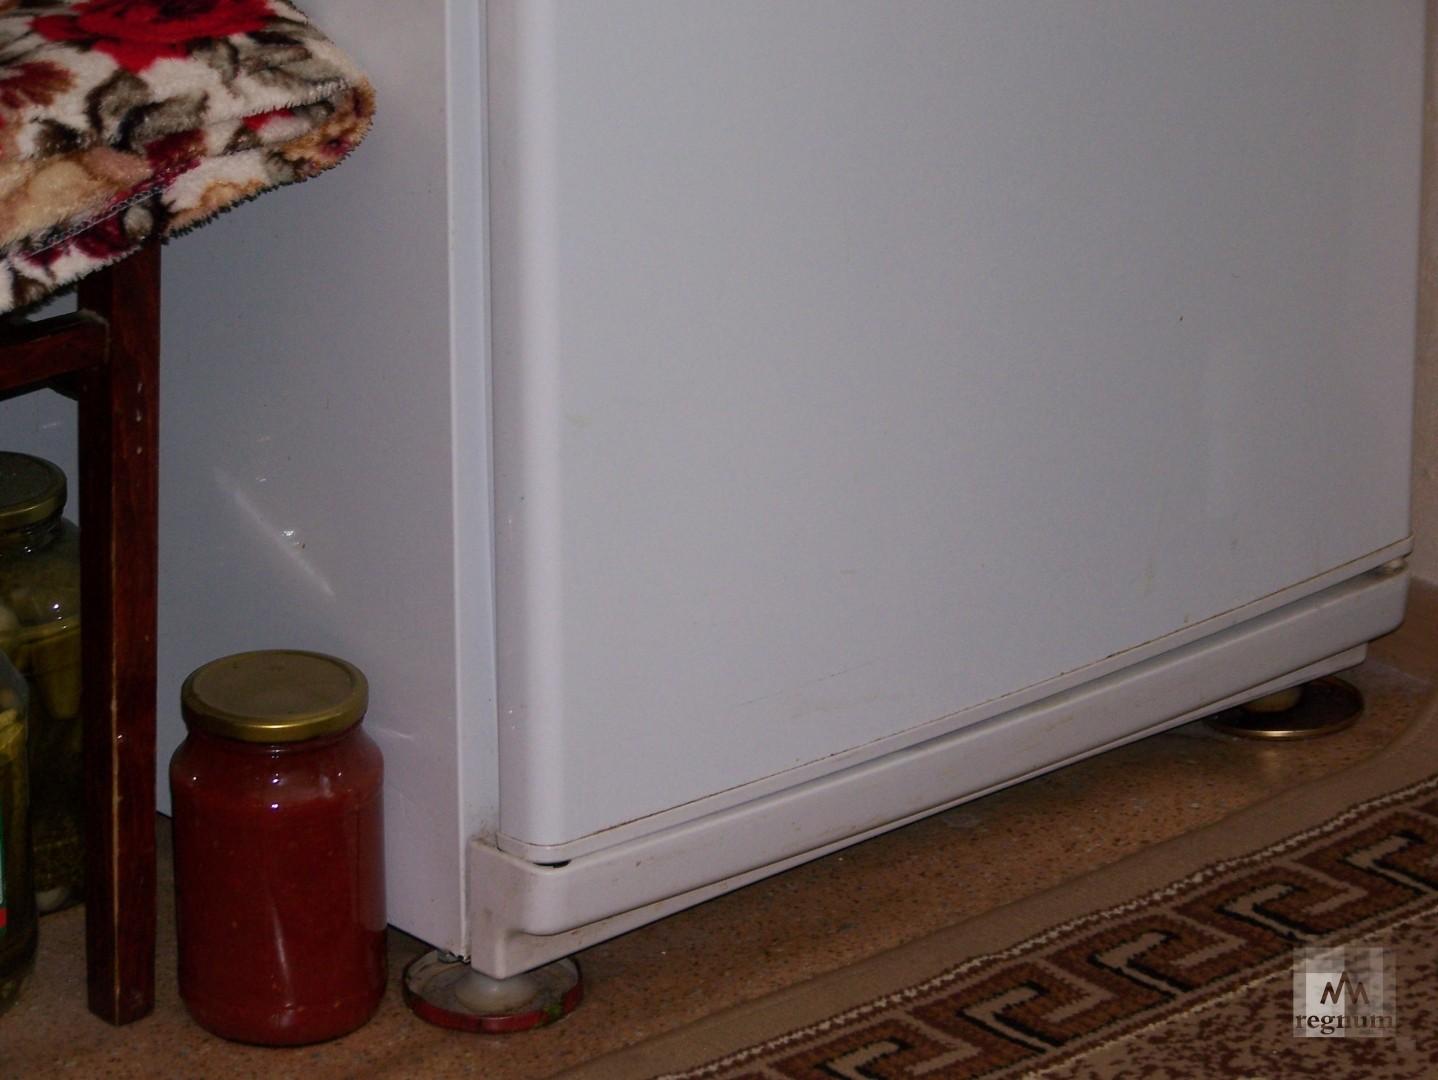 Холодильник приходится ставить на подставке чтобы пол под ним не провалился